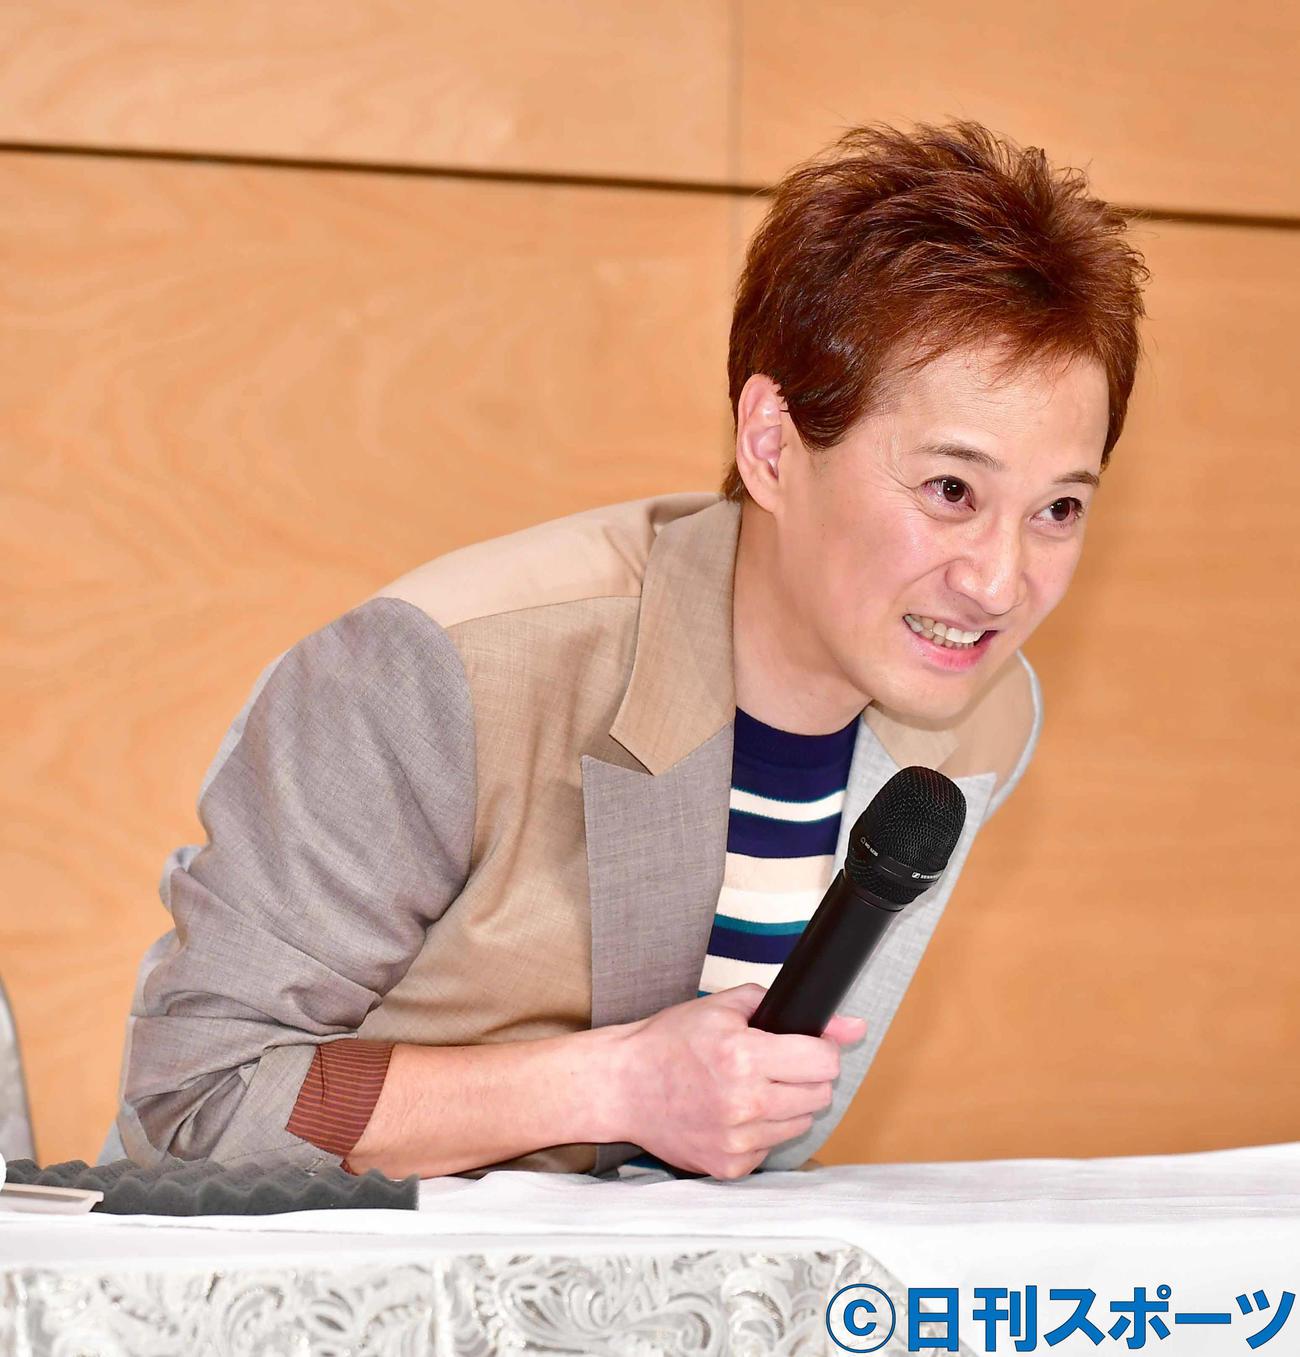 ジャニーズ事務所からの独立を発表する会見で笑顔を見せる中居正広(撮影・小沢裕)